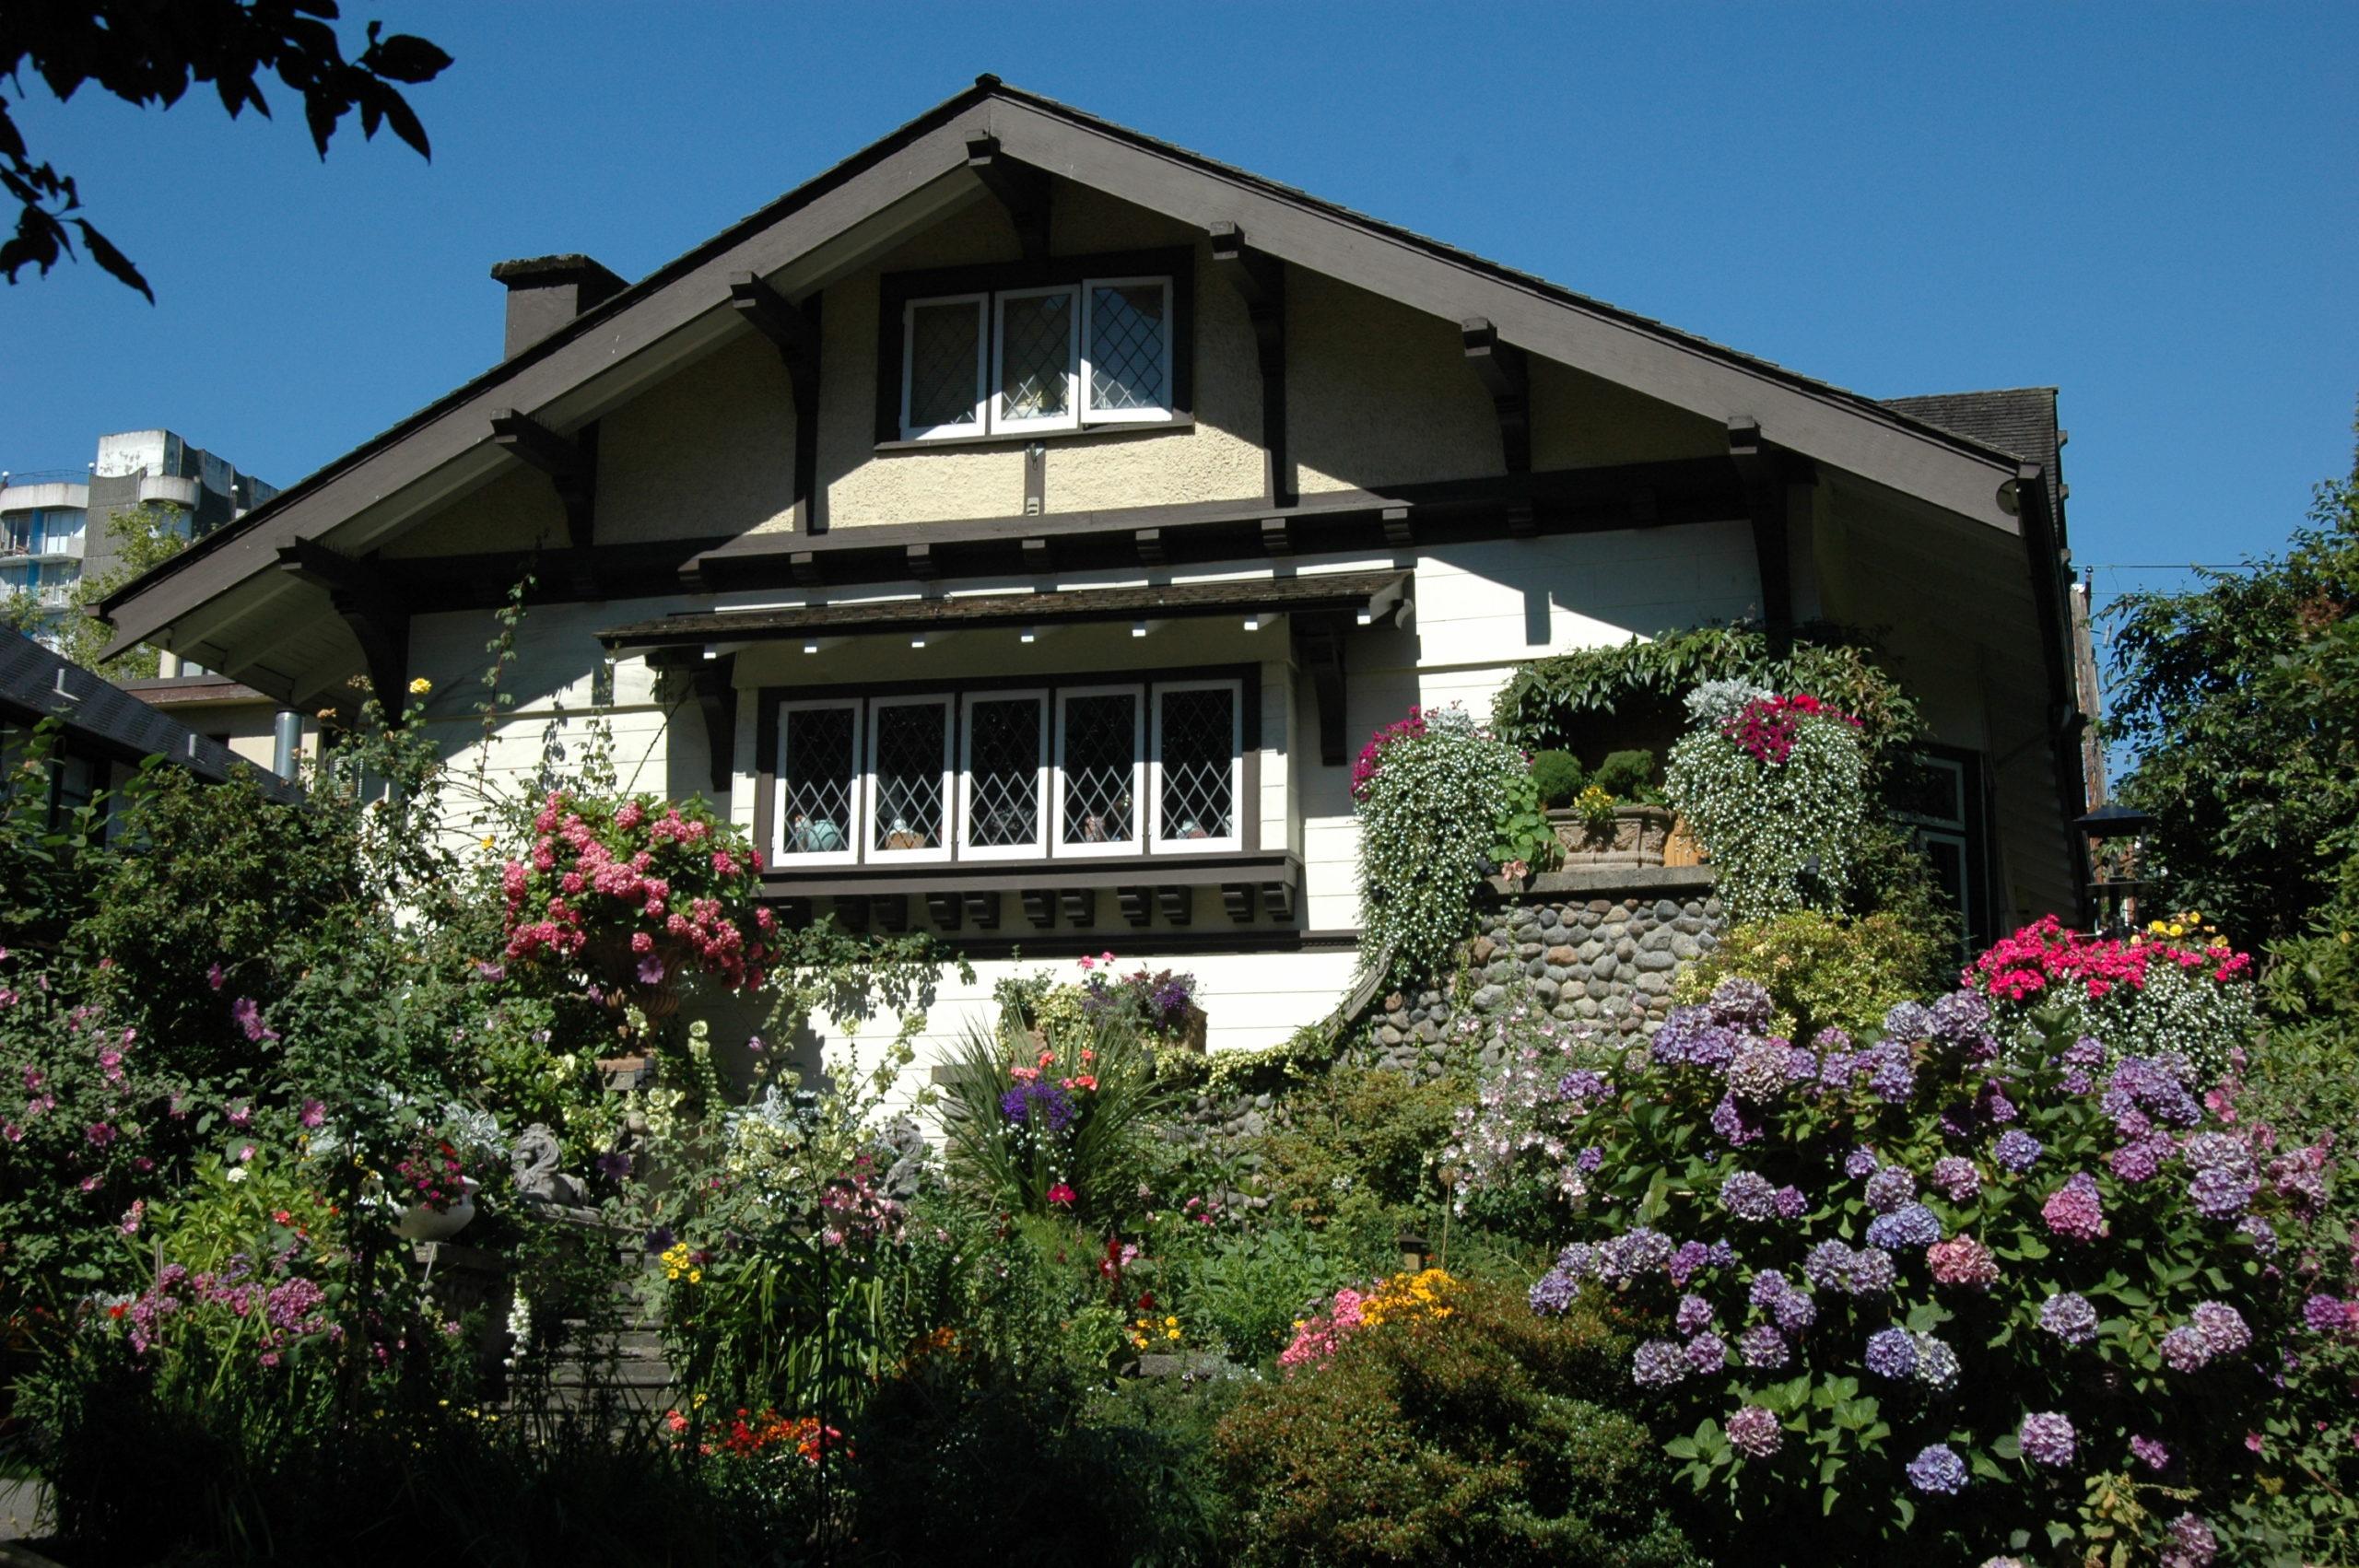 Tudor-style house with a flower garden.